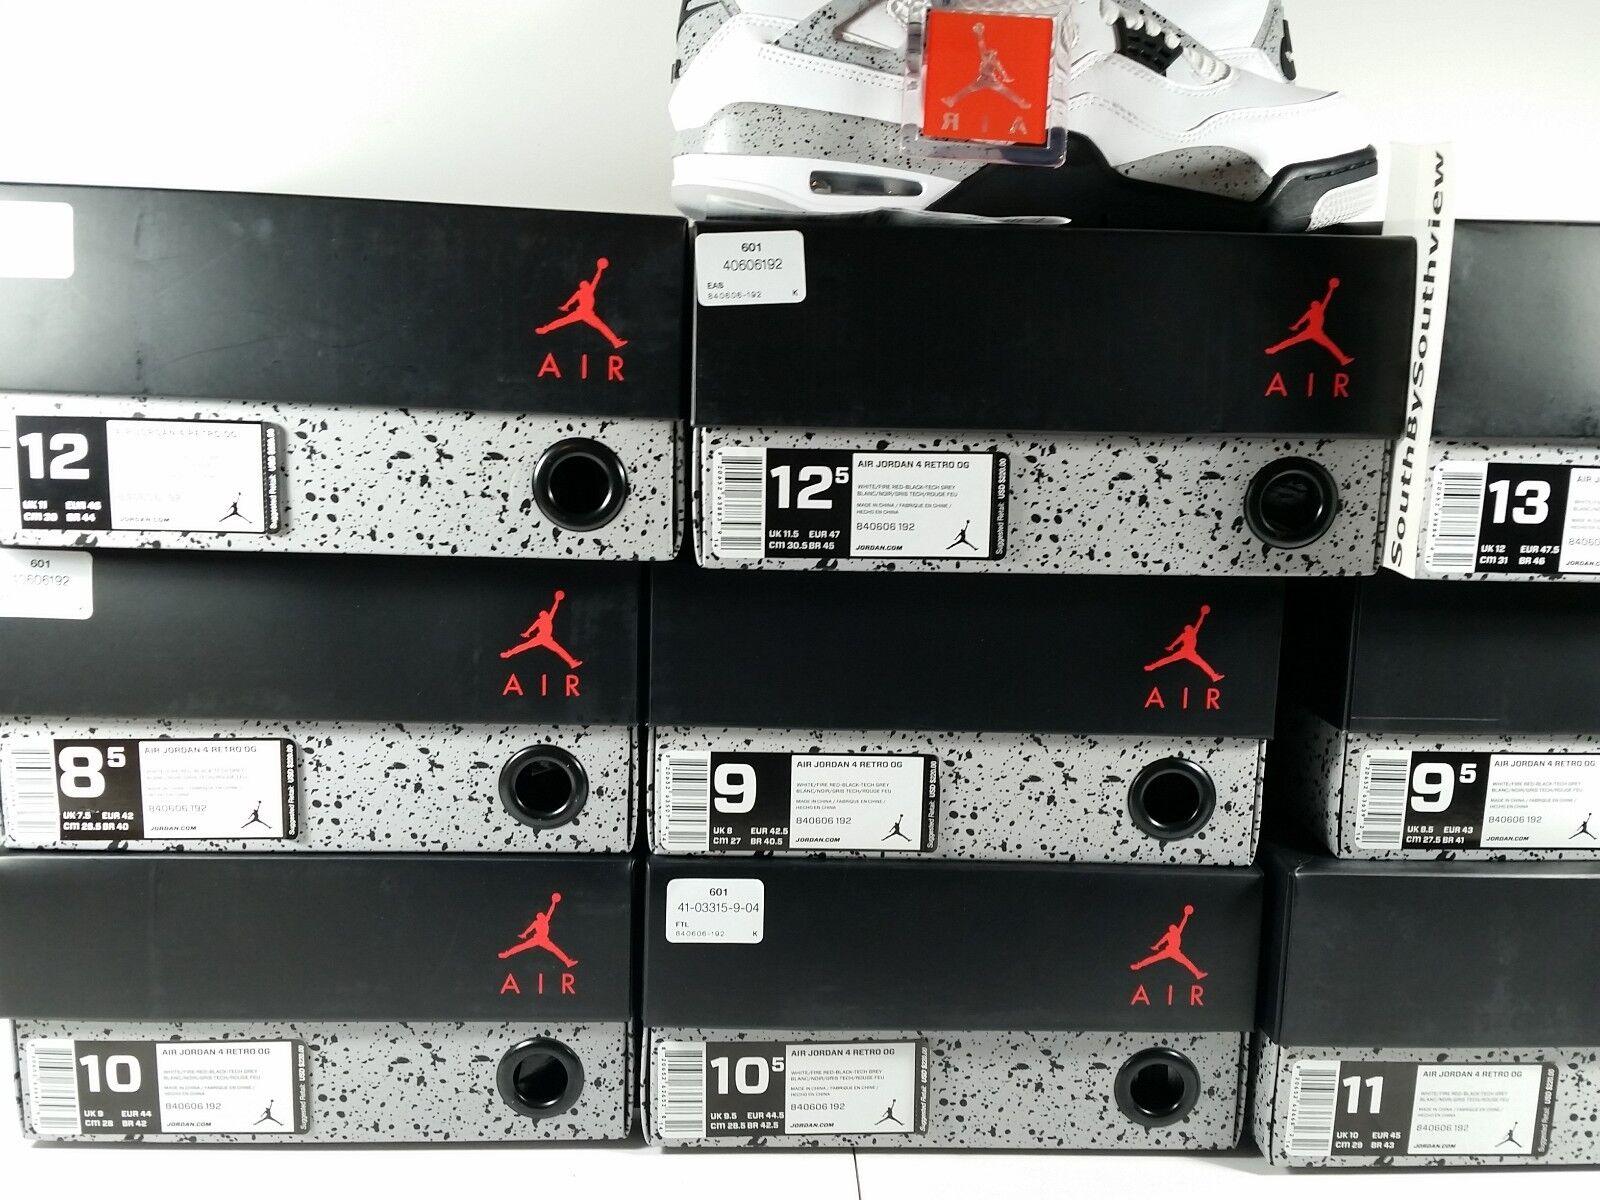 toute nouvelle race rétro xi de nike air jordan xi rétro 11 378037-010 noir - rouge - blanc taille 12 7a946a